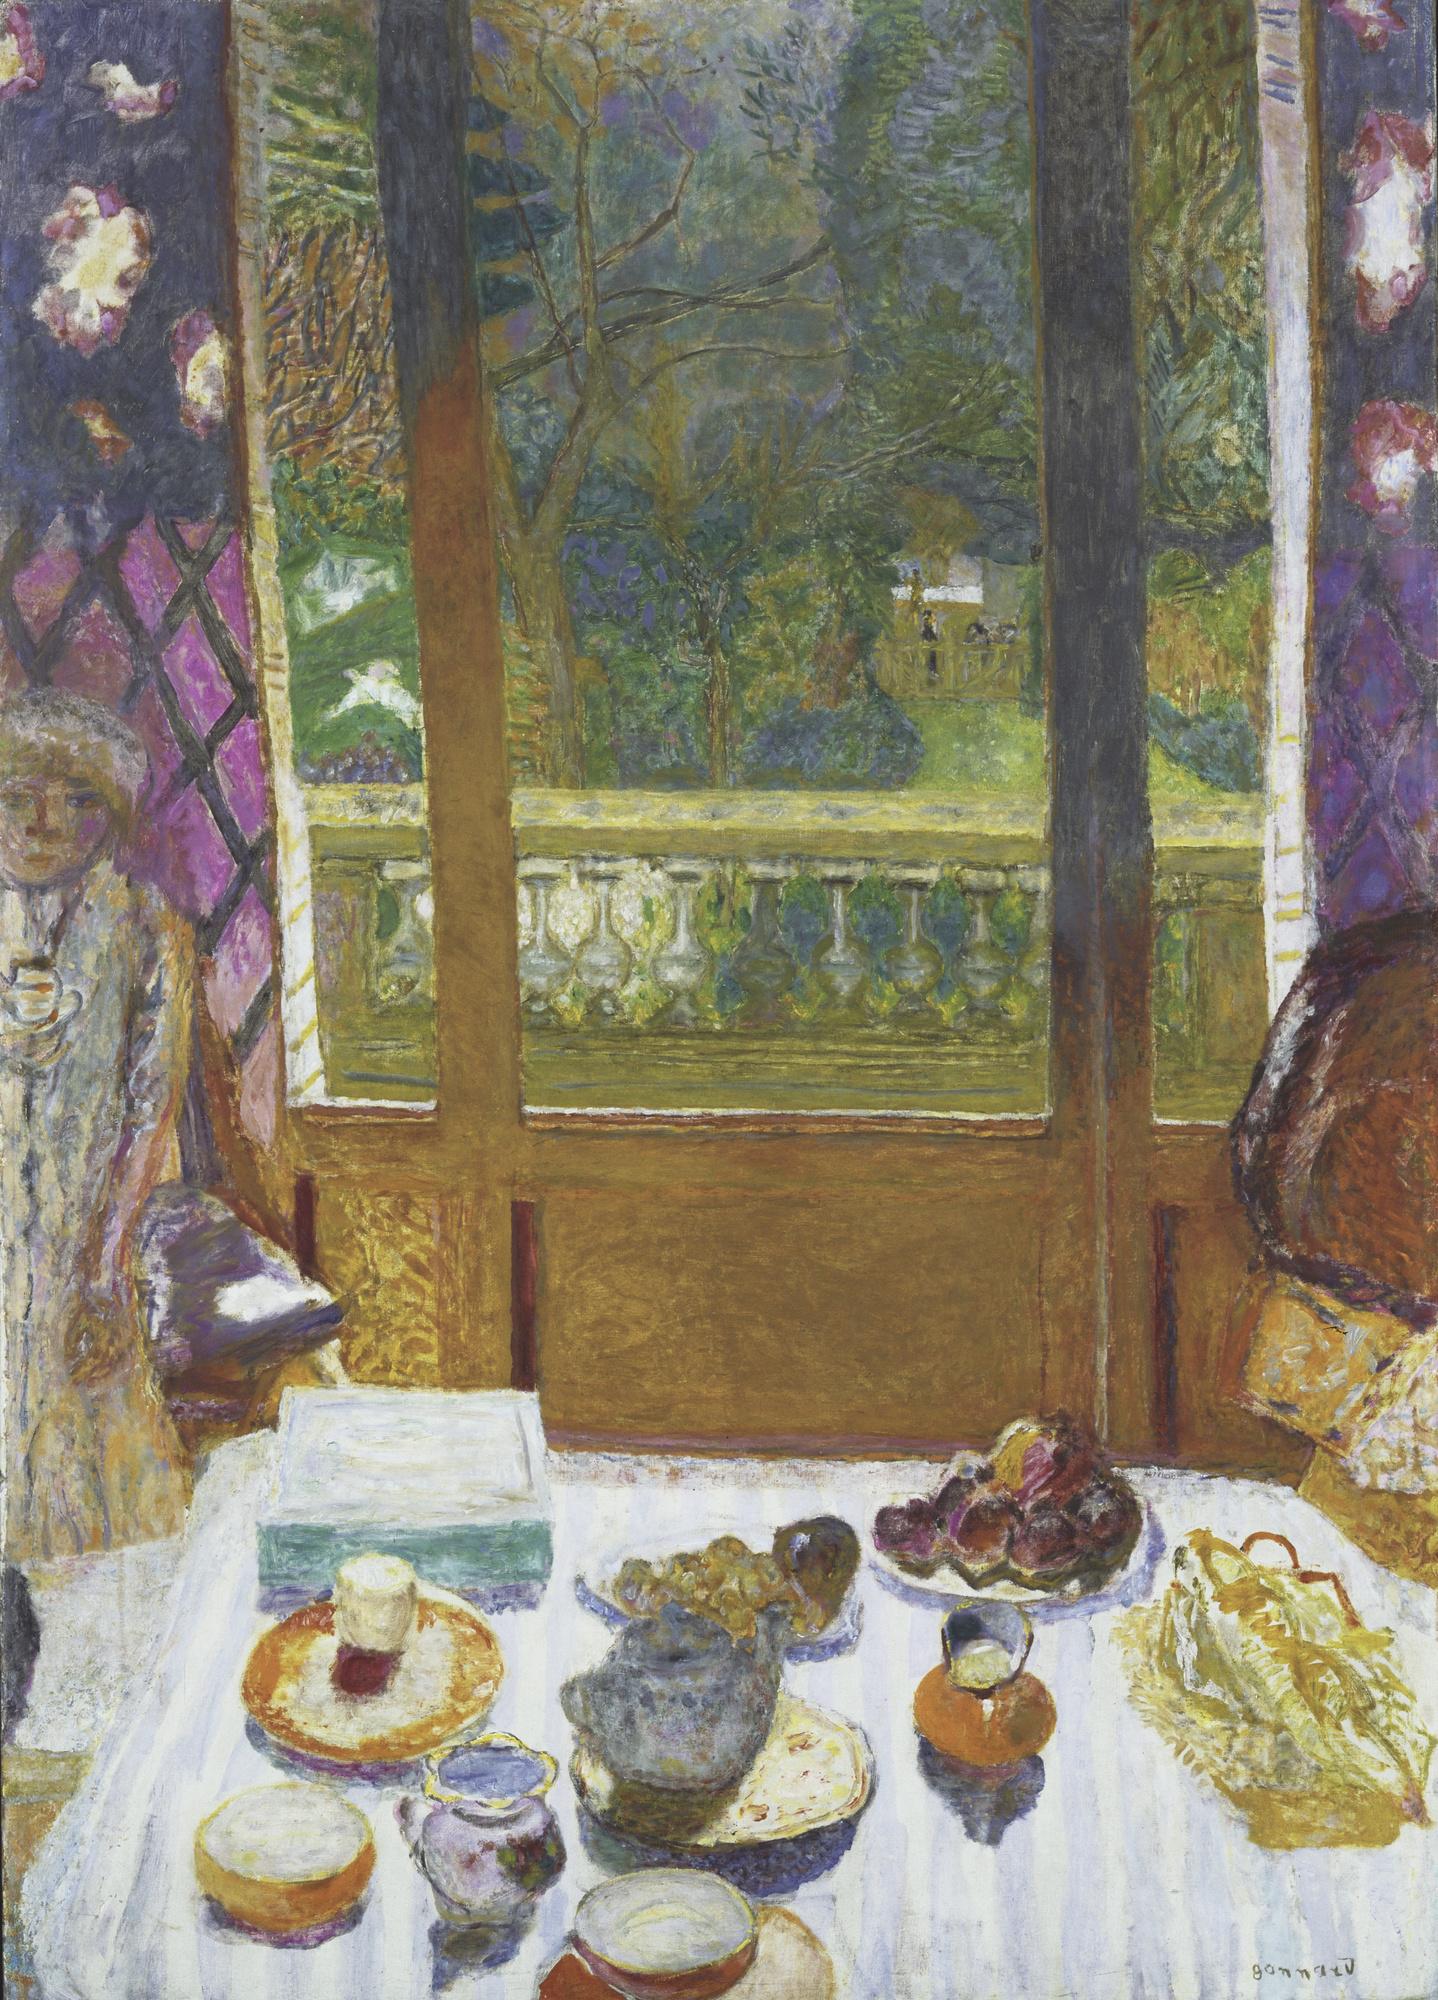 Pierre Bonnard - The Breakfast Room